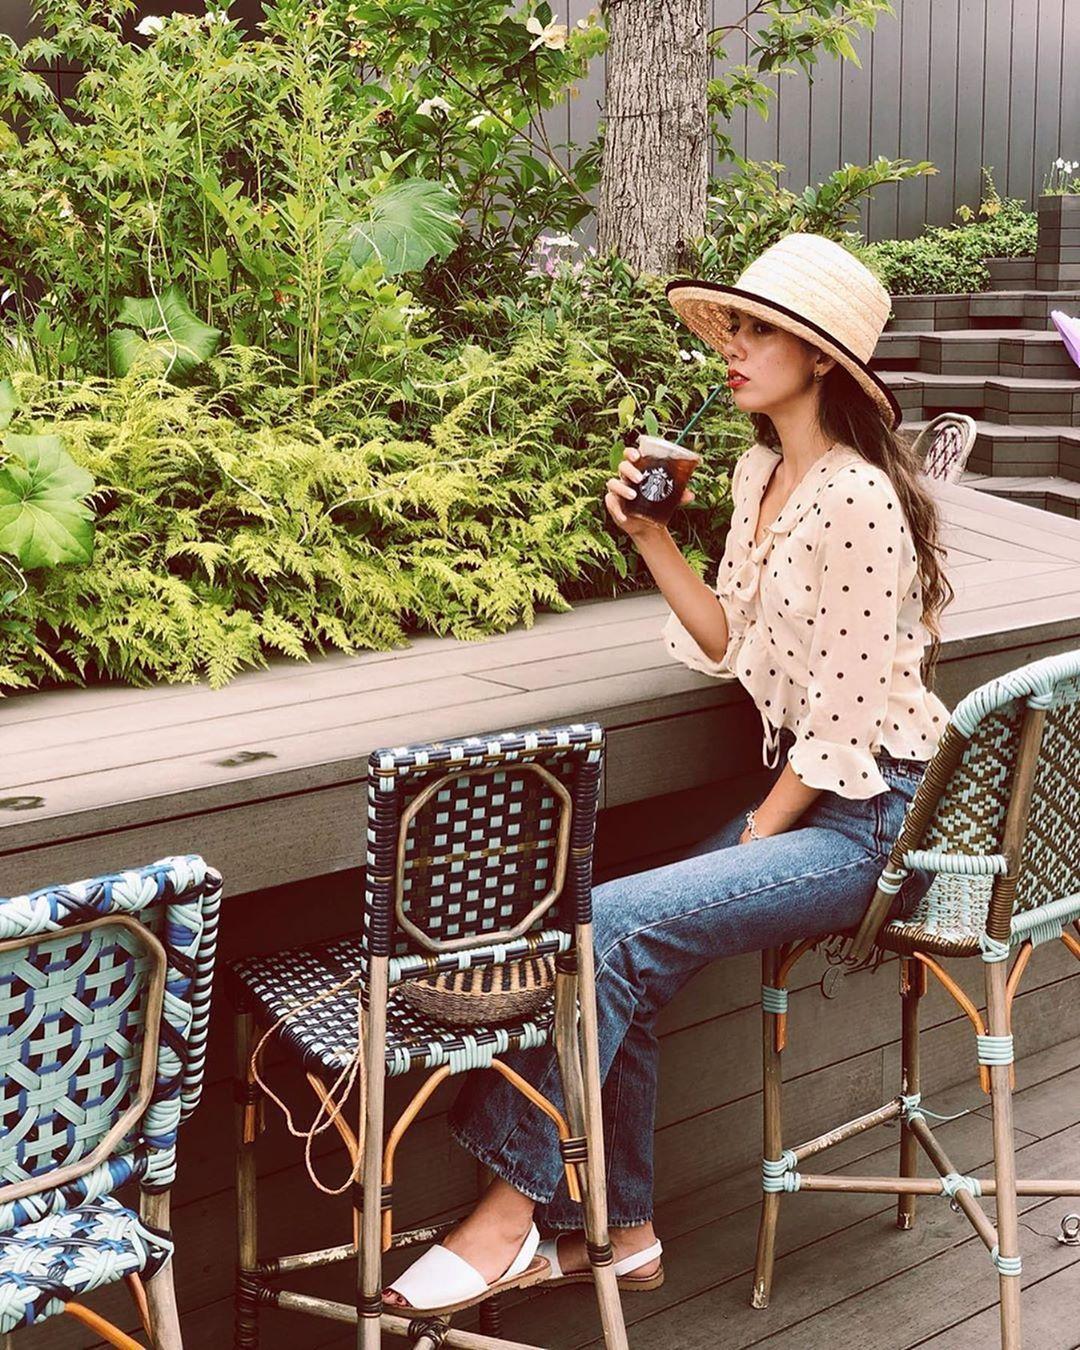 du lịch xanh - kem chống nắng thân thiện với môi trường sống